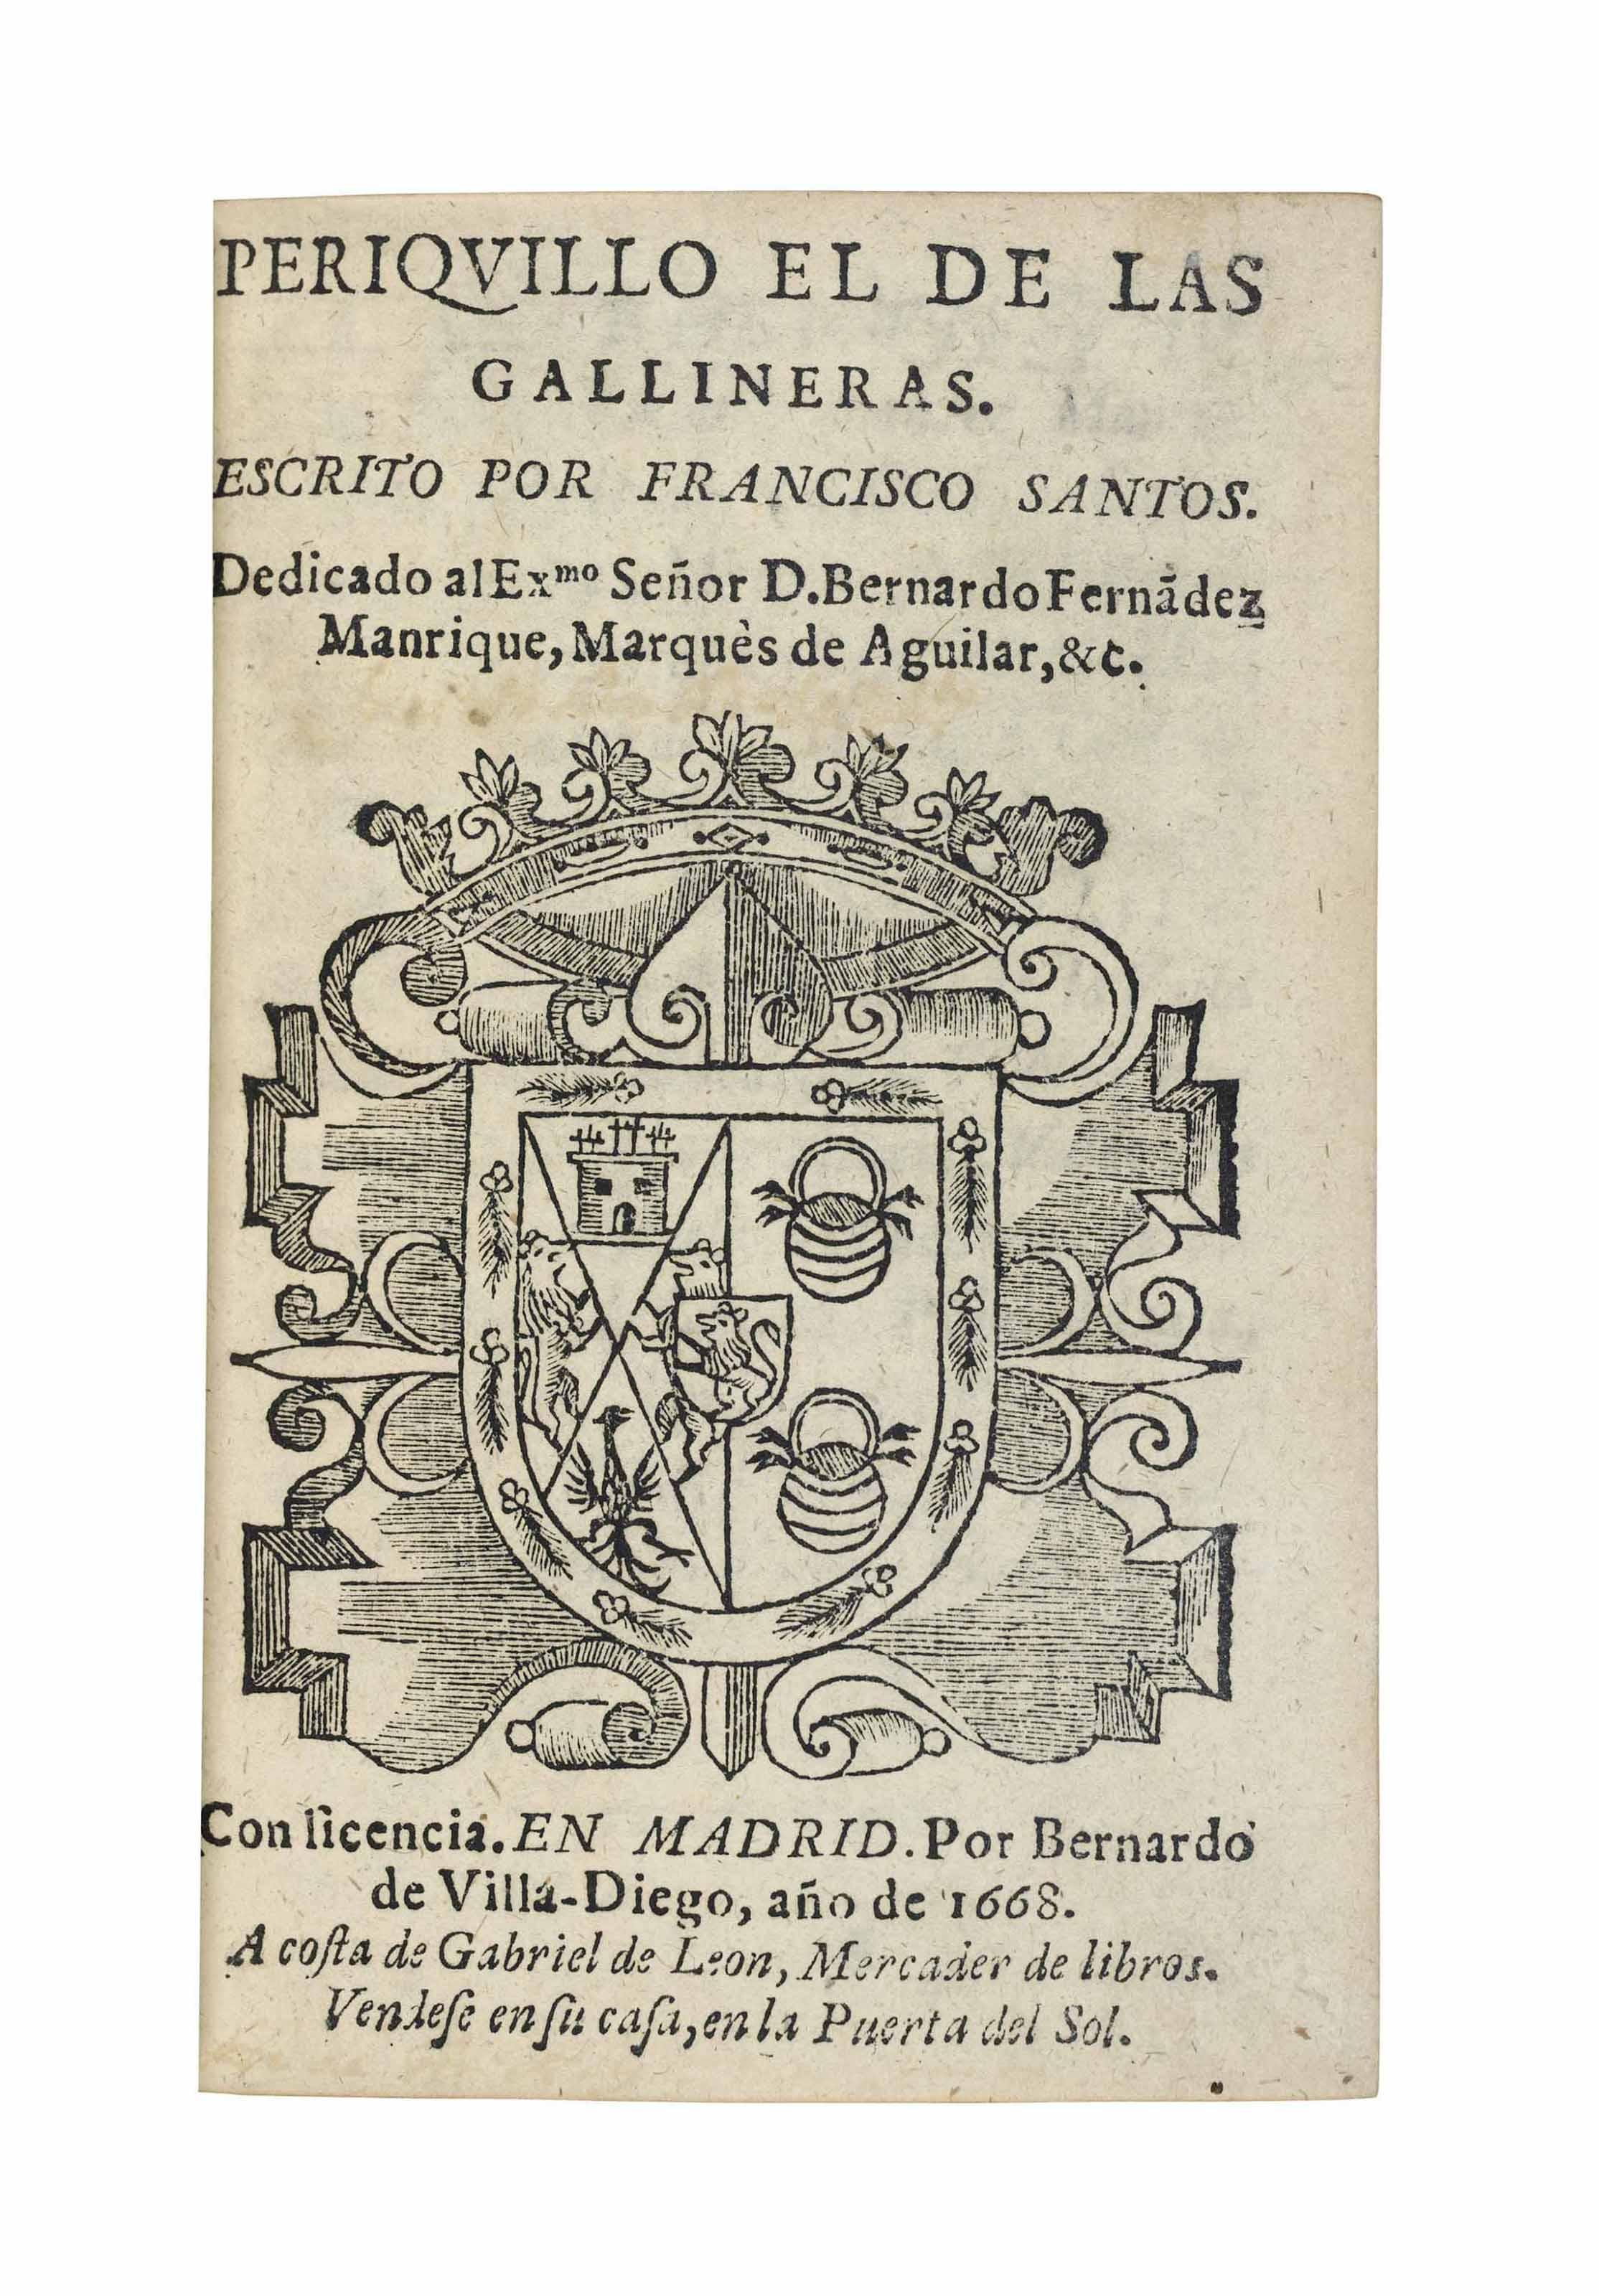 SANTOS, Francisco (1631-1700).